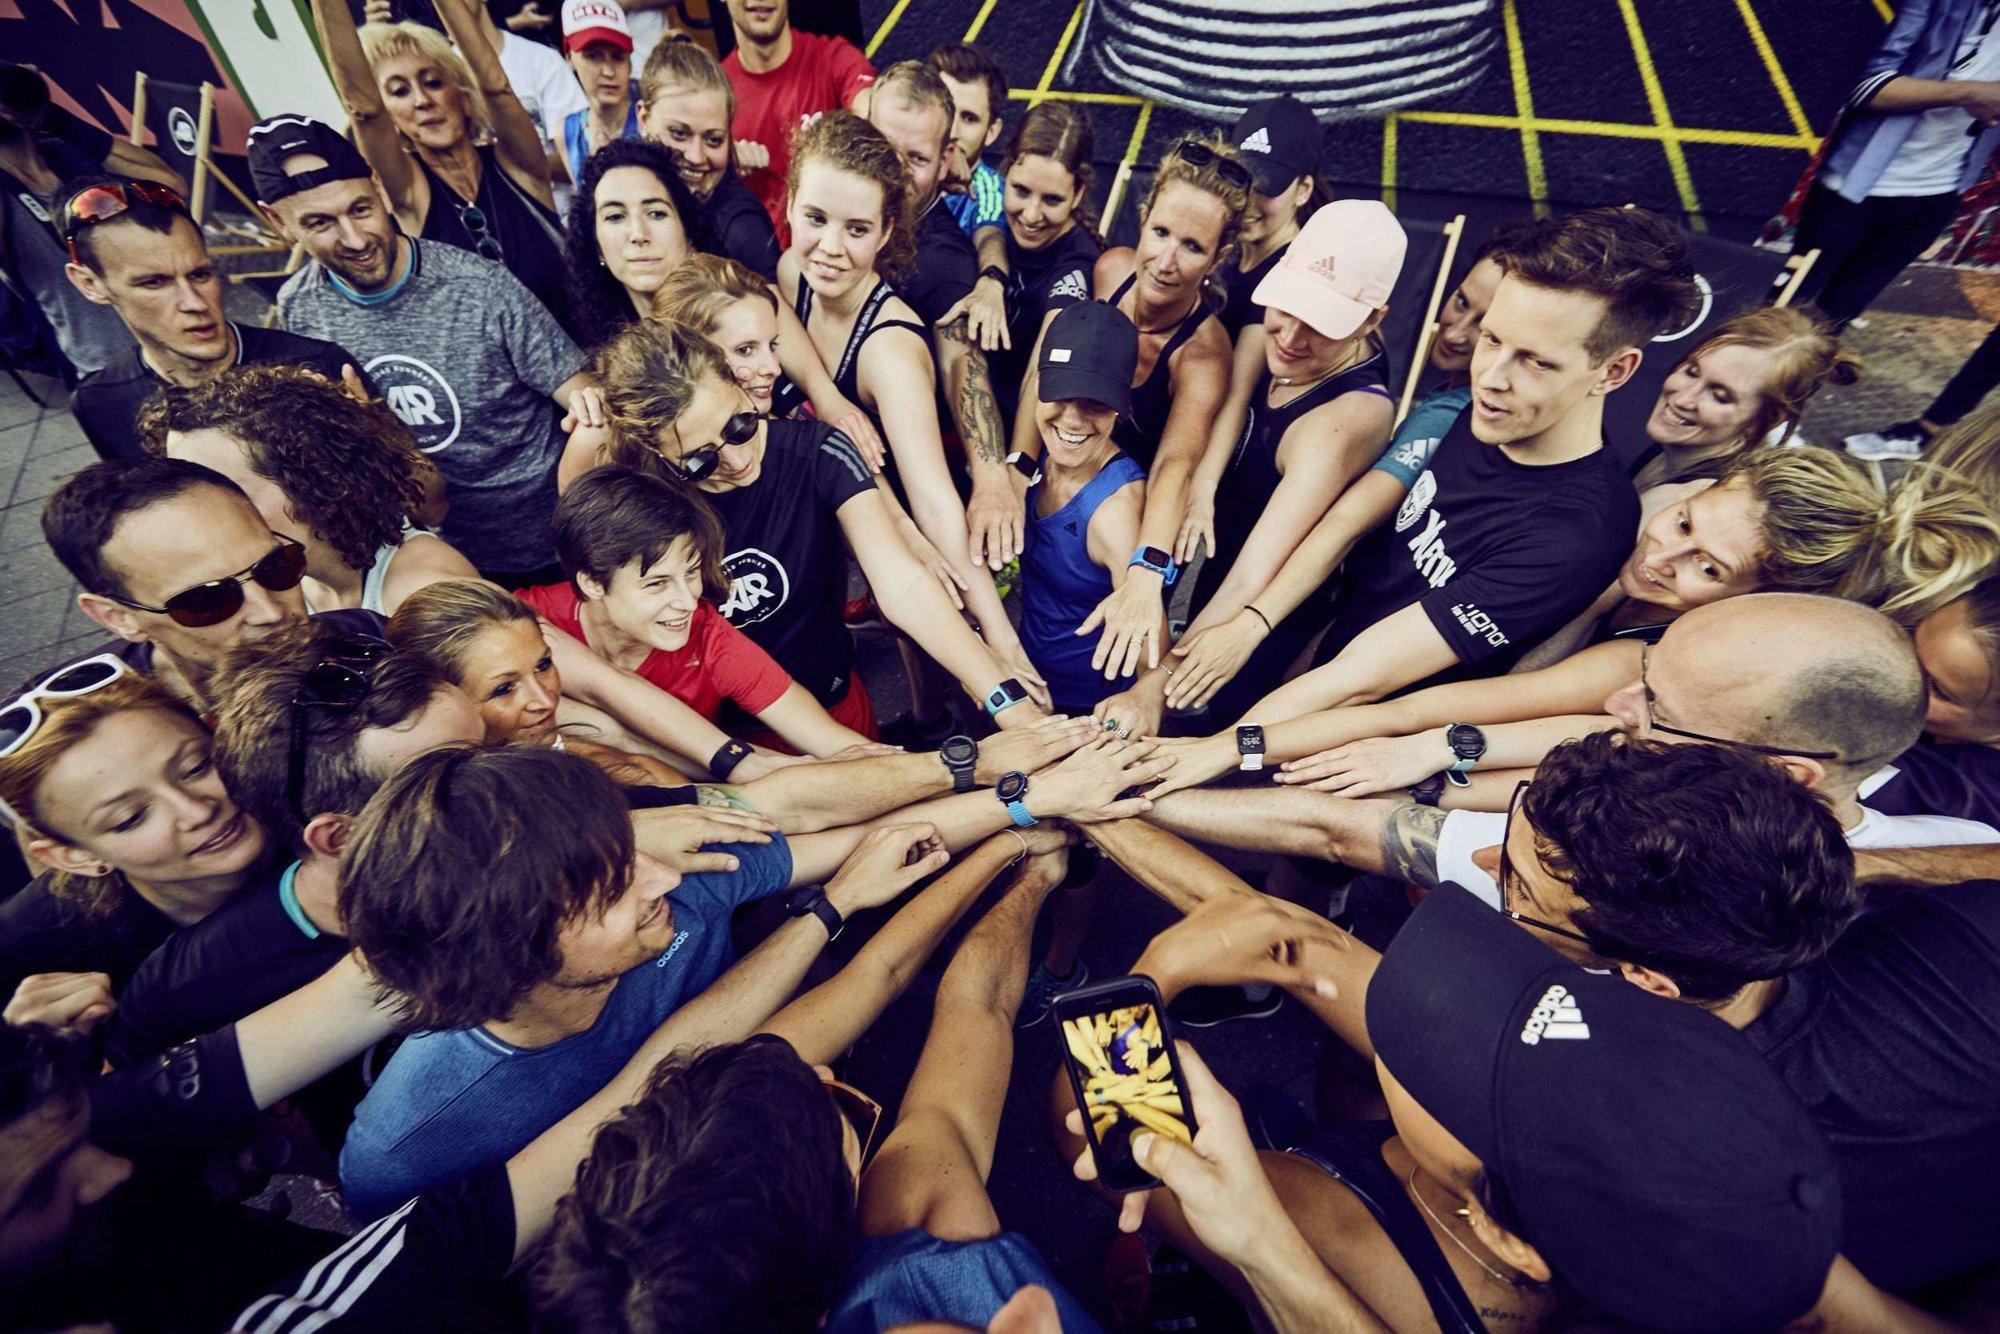 Сообщество по интересам: 6 лучших беговых клубов Киева